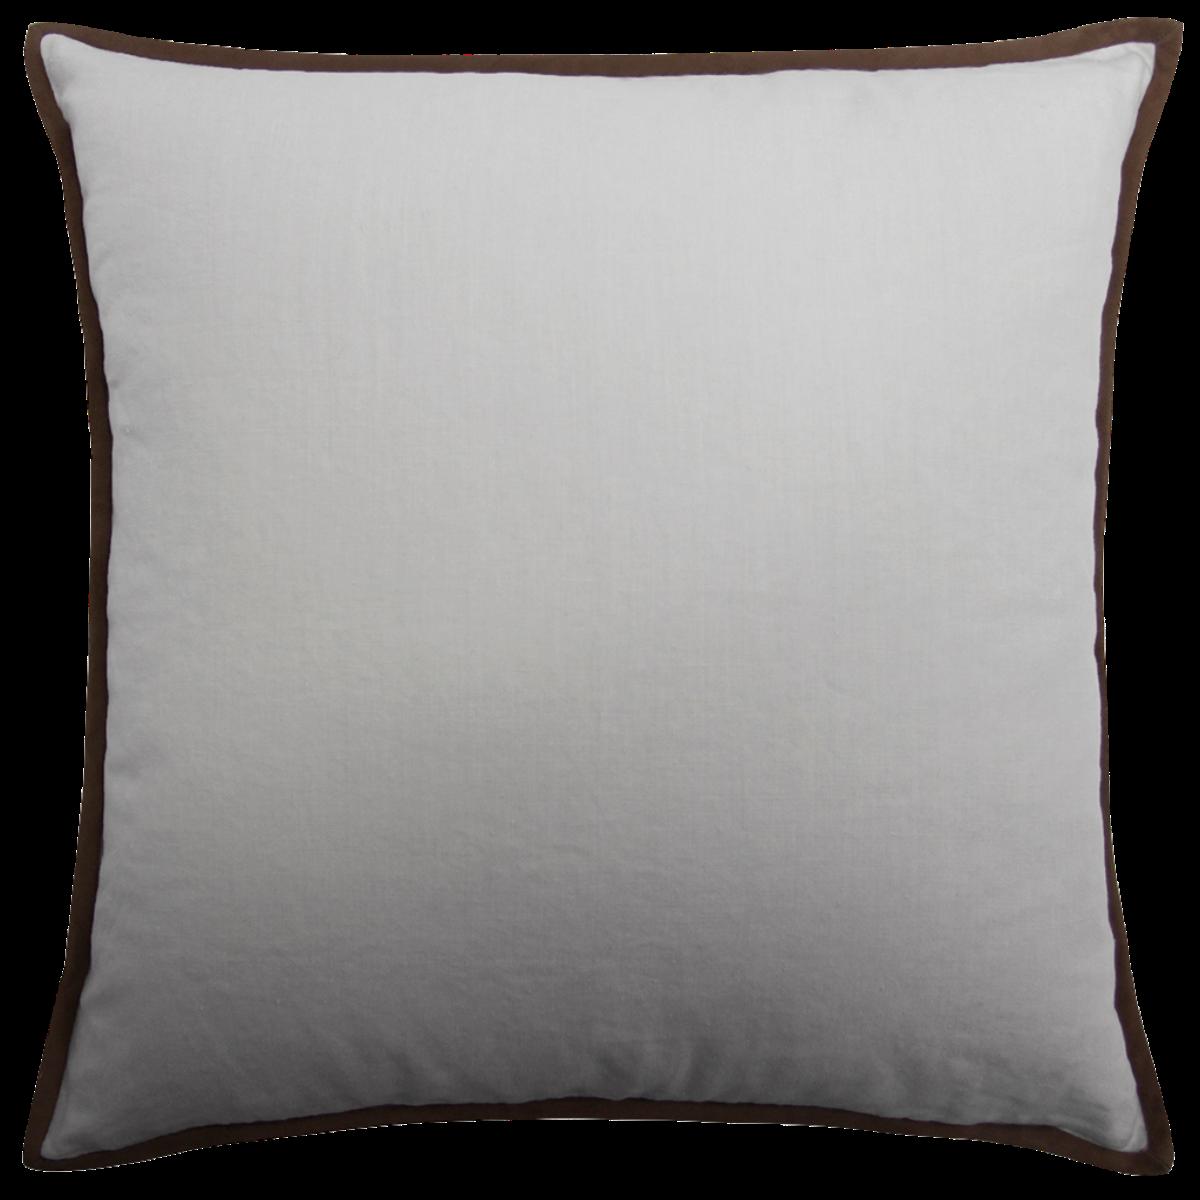 de Le Cuona | Artist Canvas Cushion With Suede Trim Veldt